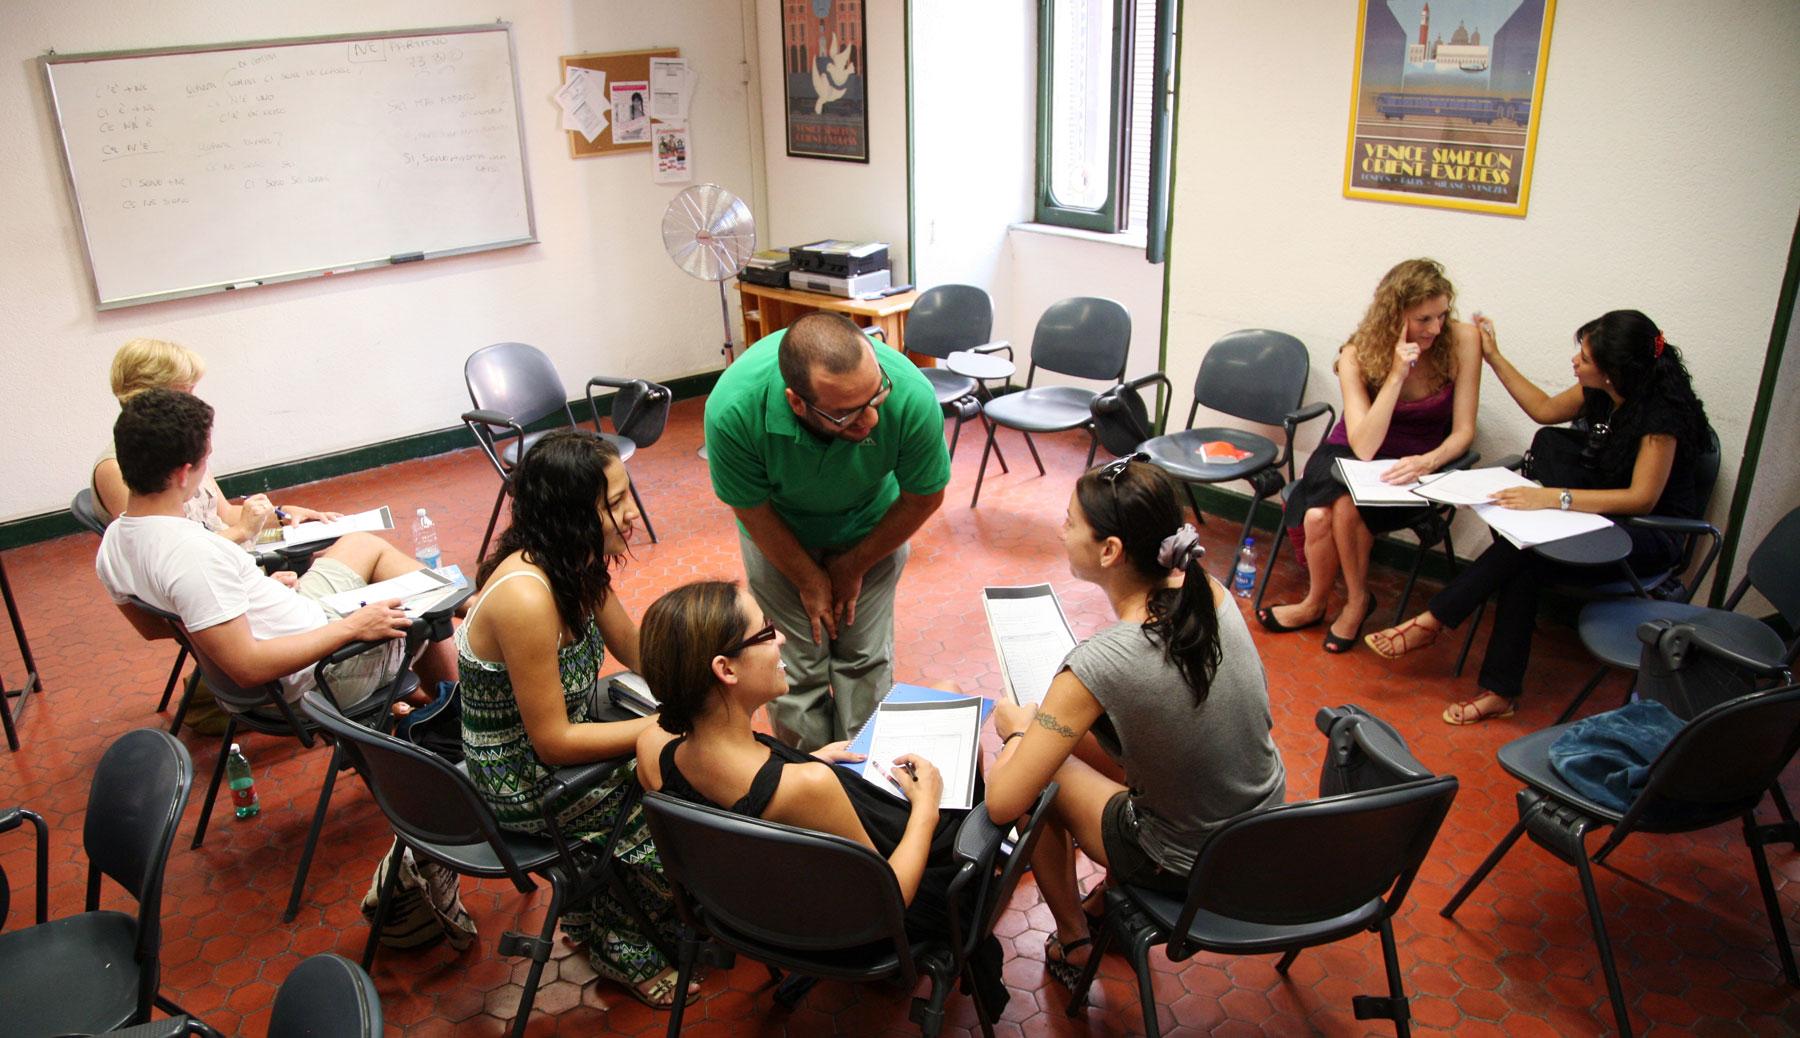 scuola-leonardo-da-vinci-roma-italya-okullari-kursu-2.jpg